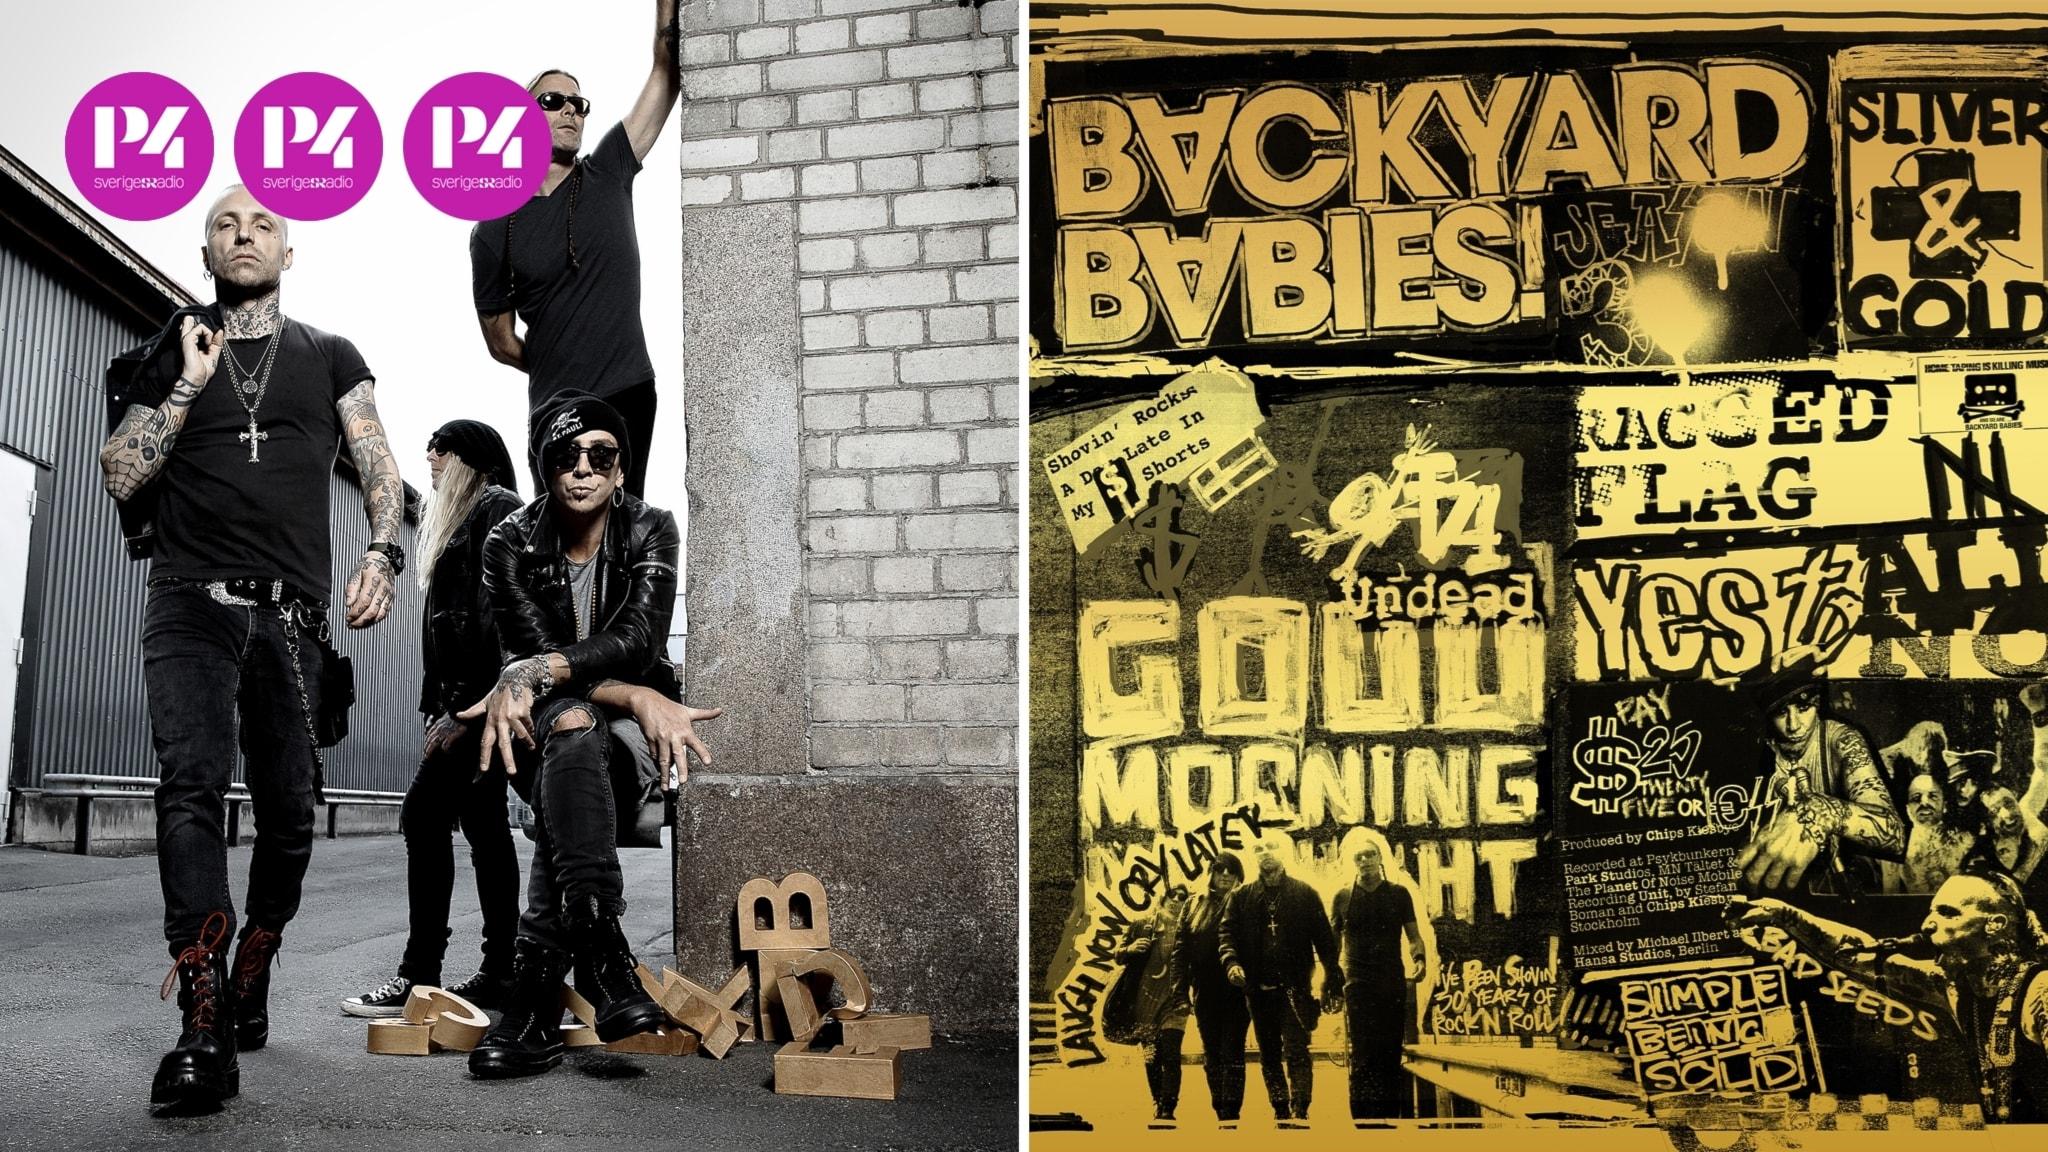 Backyard Babies släpper nytt, Viveca Bladh har lyssnat och skådespelarna från tv-serien Beverly Hills gör en omstart